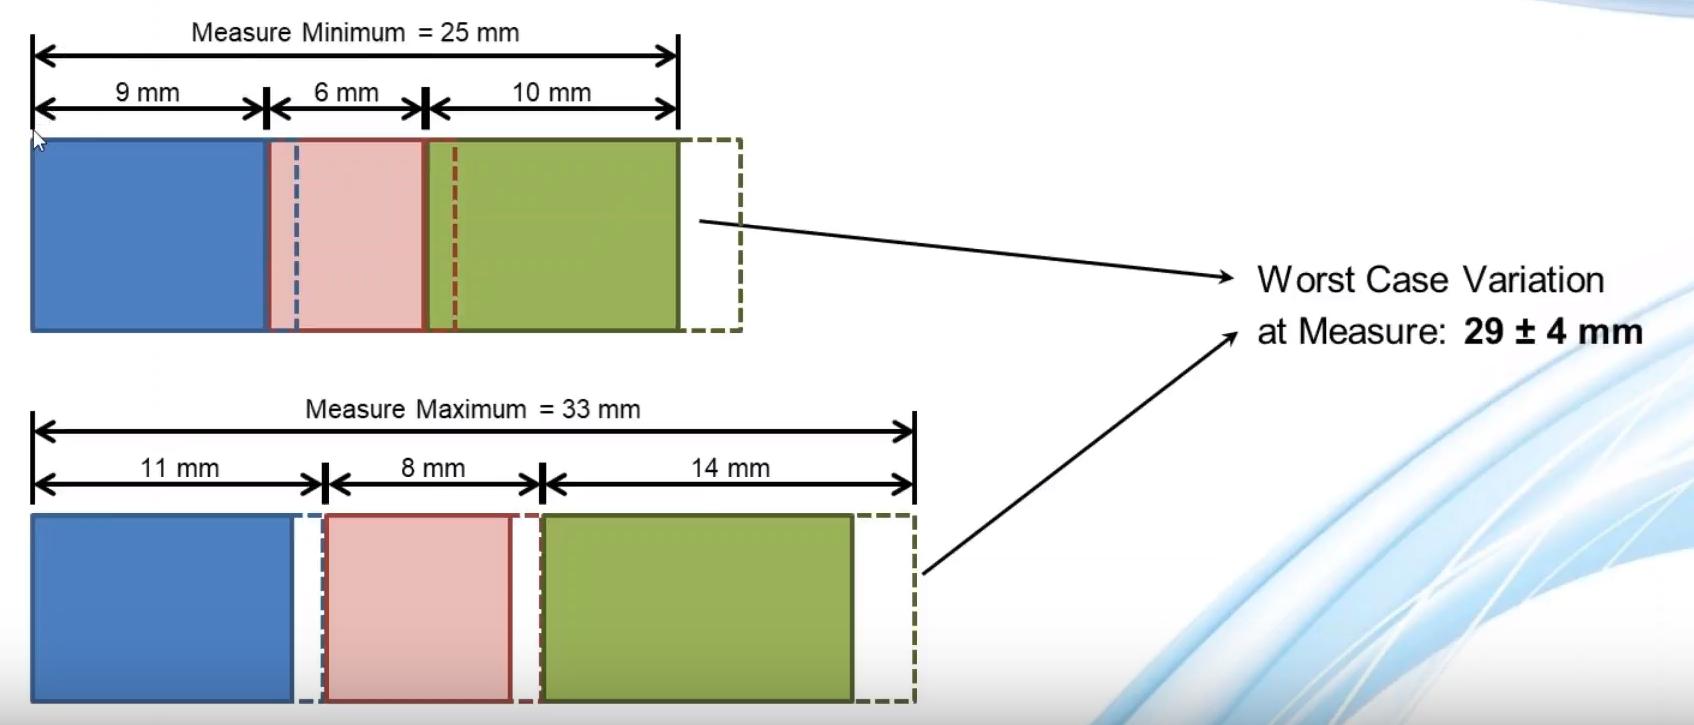 1D Stack - Maximum and Minimum Worst Case